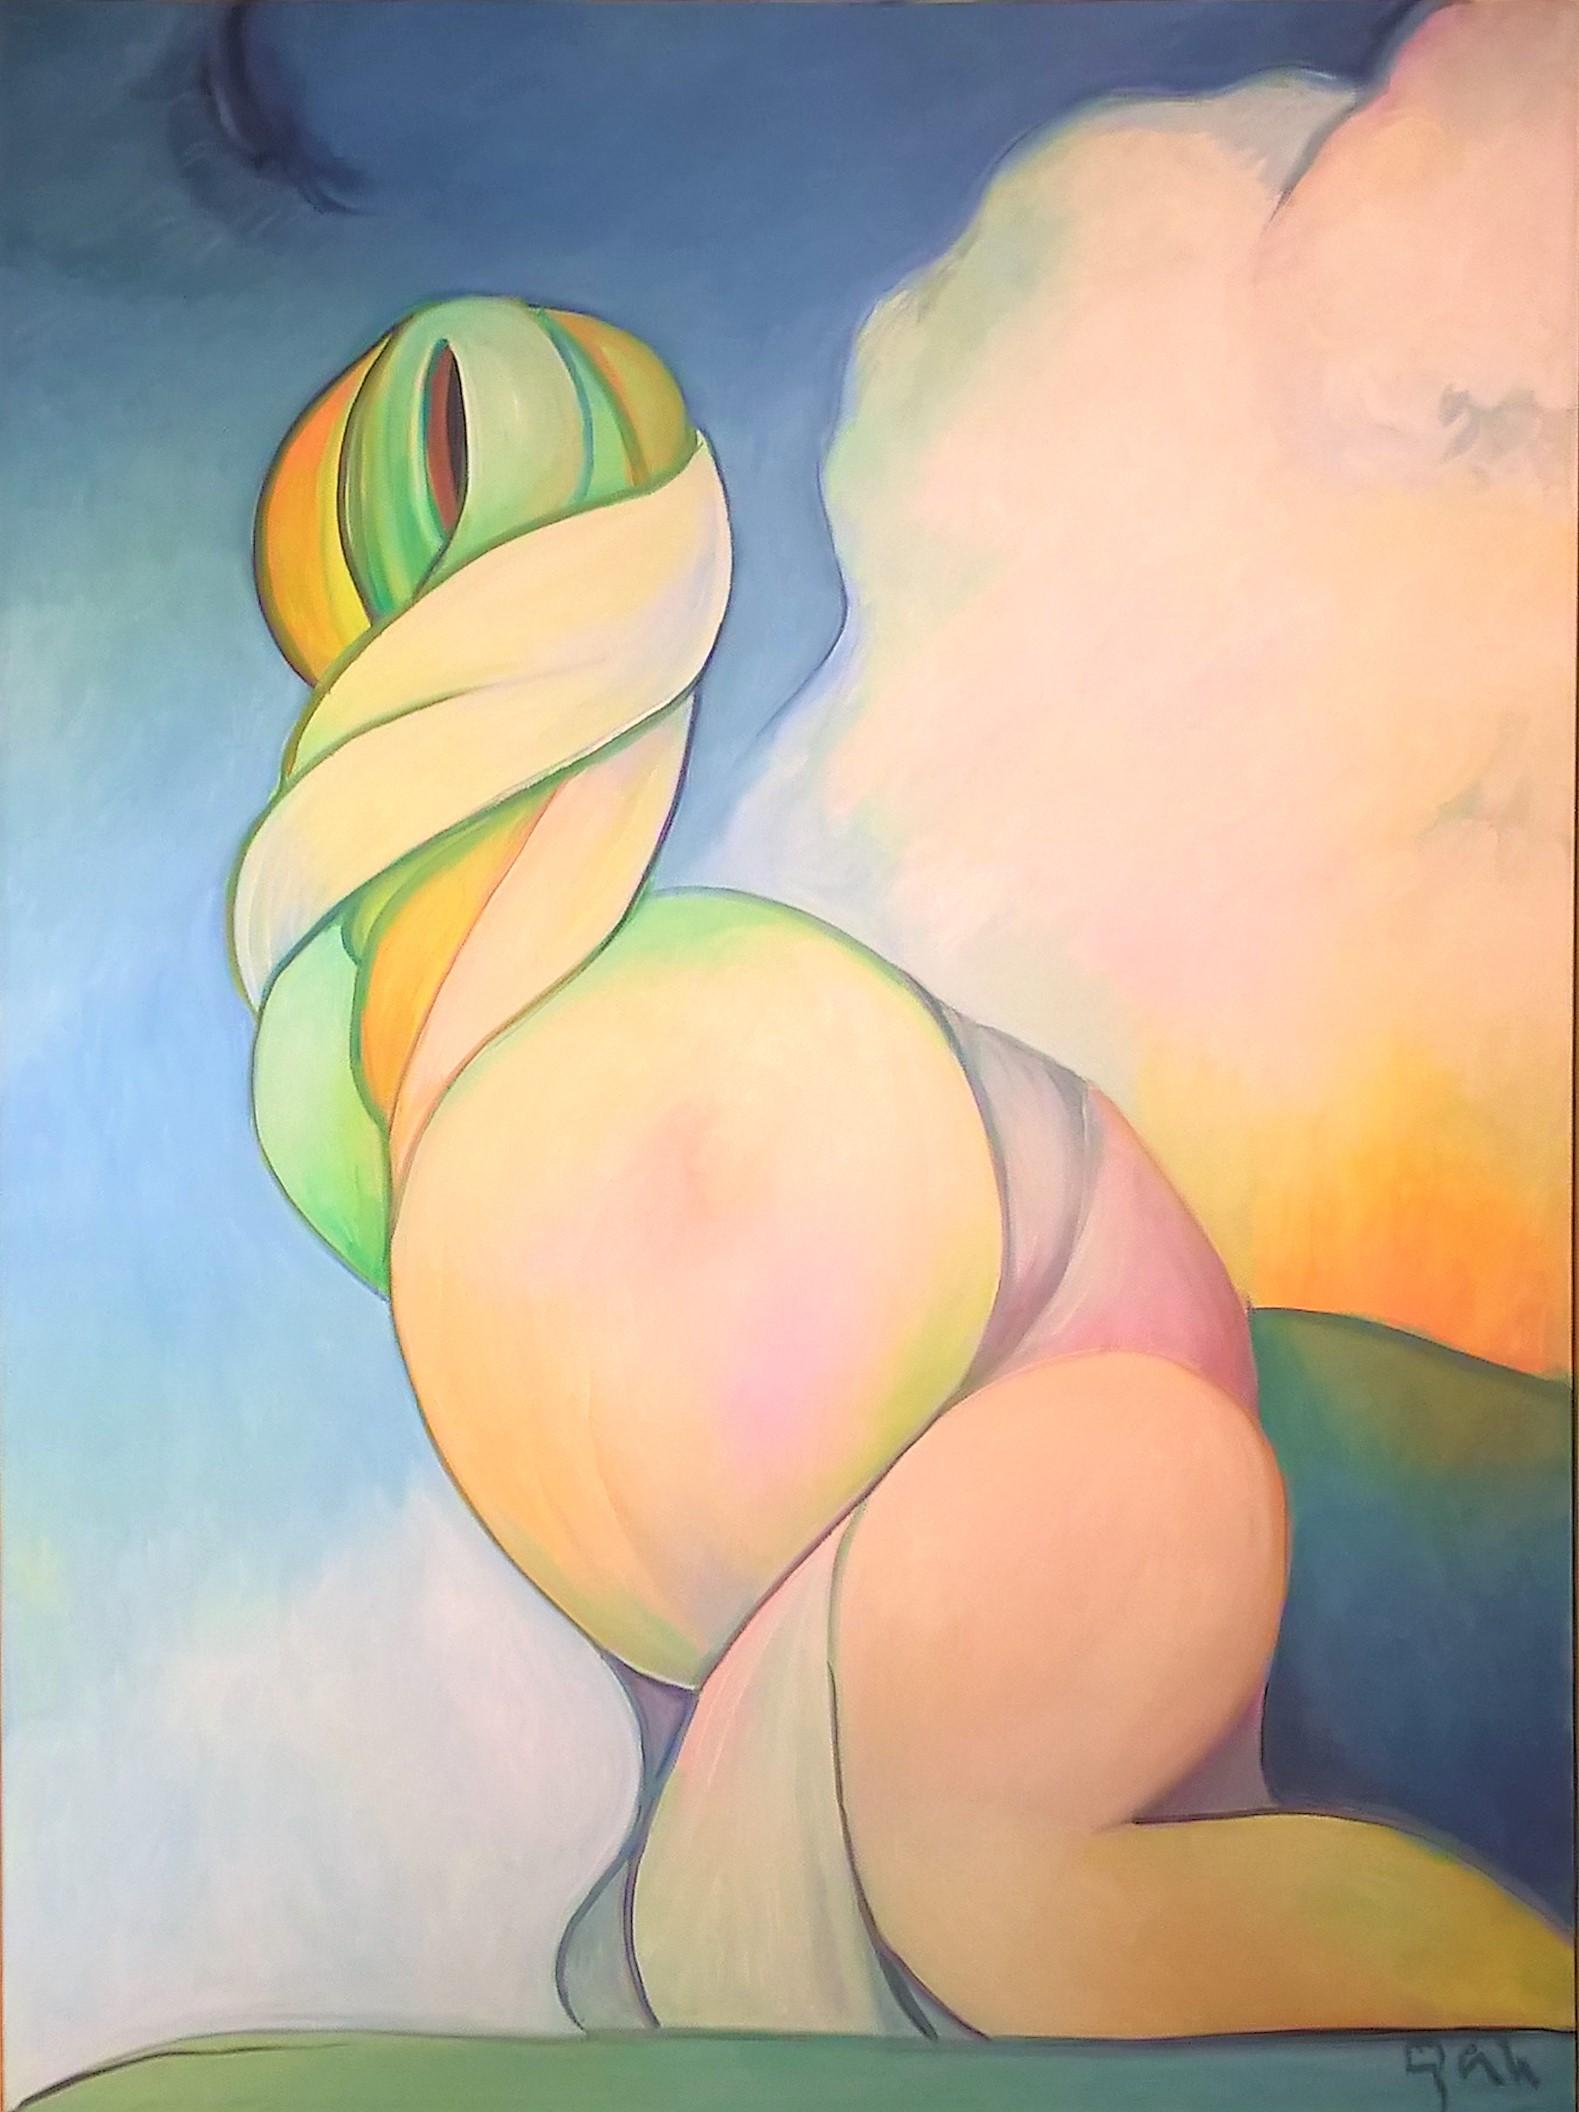 La Pose, 2011